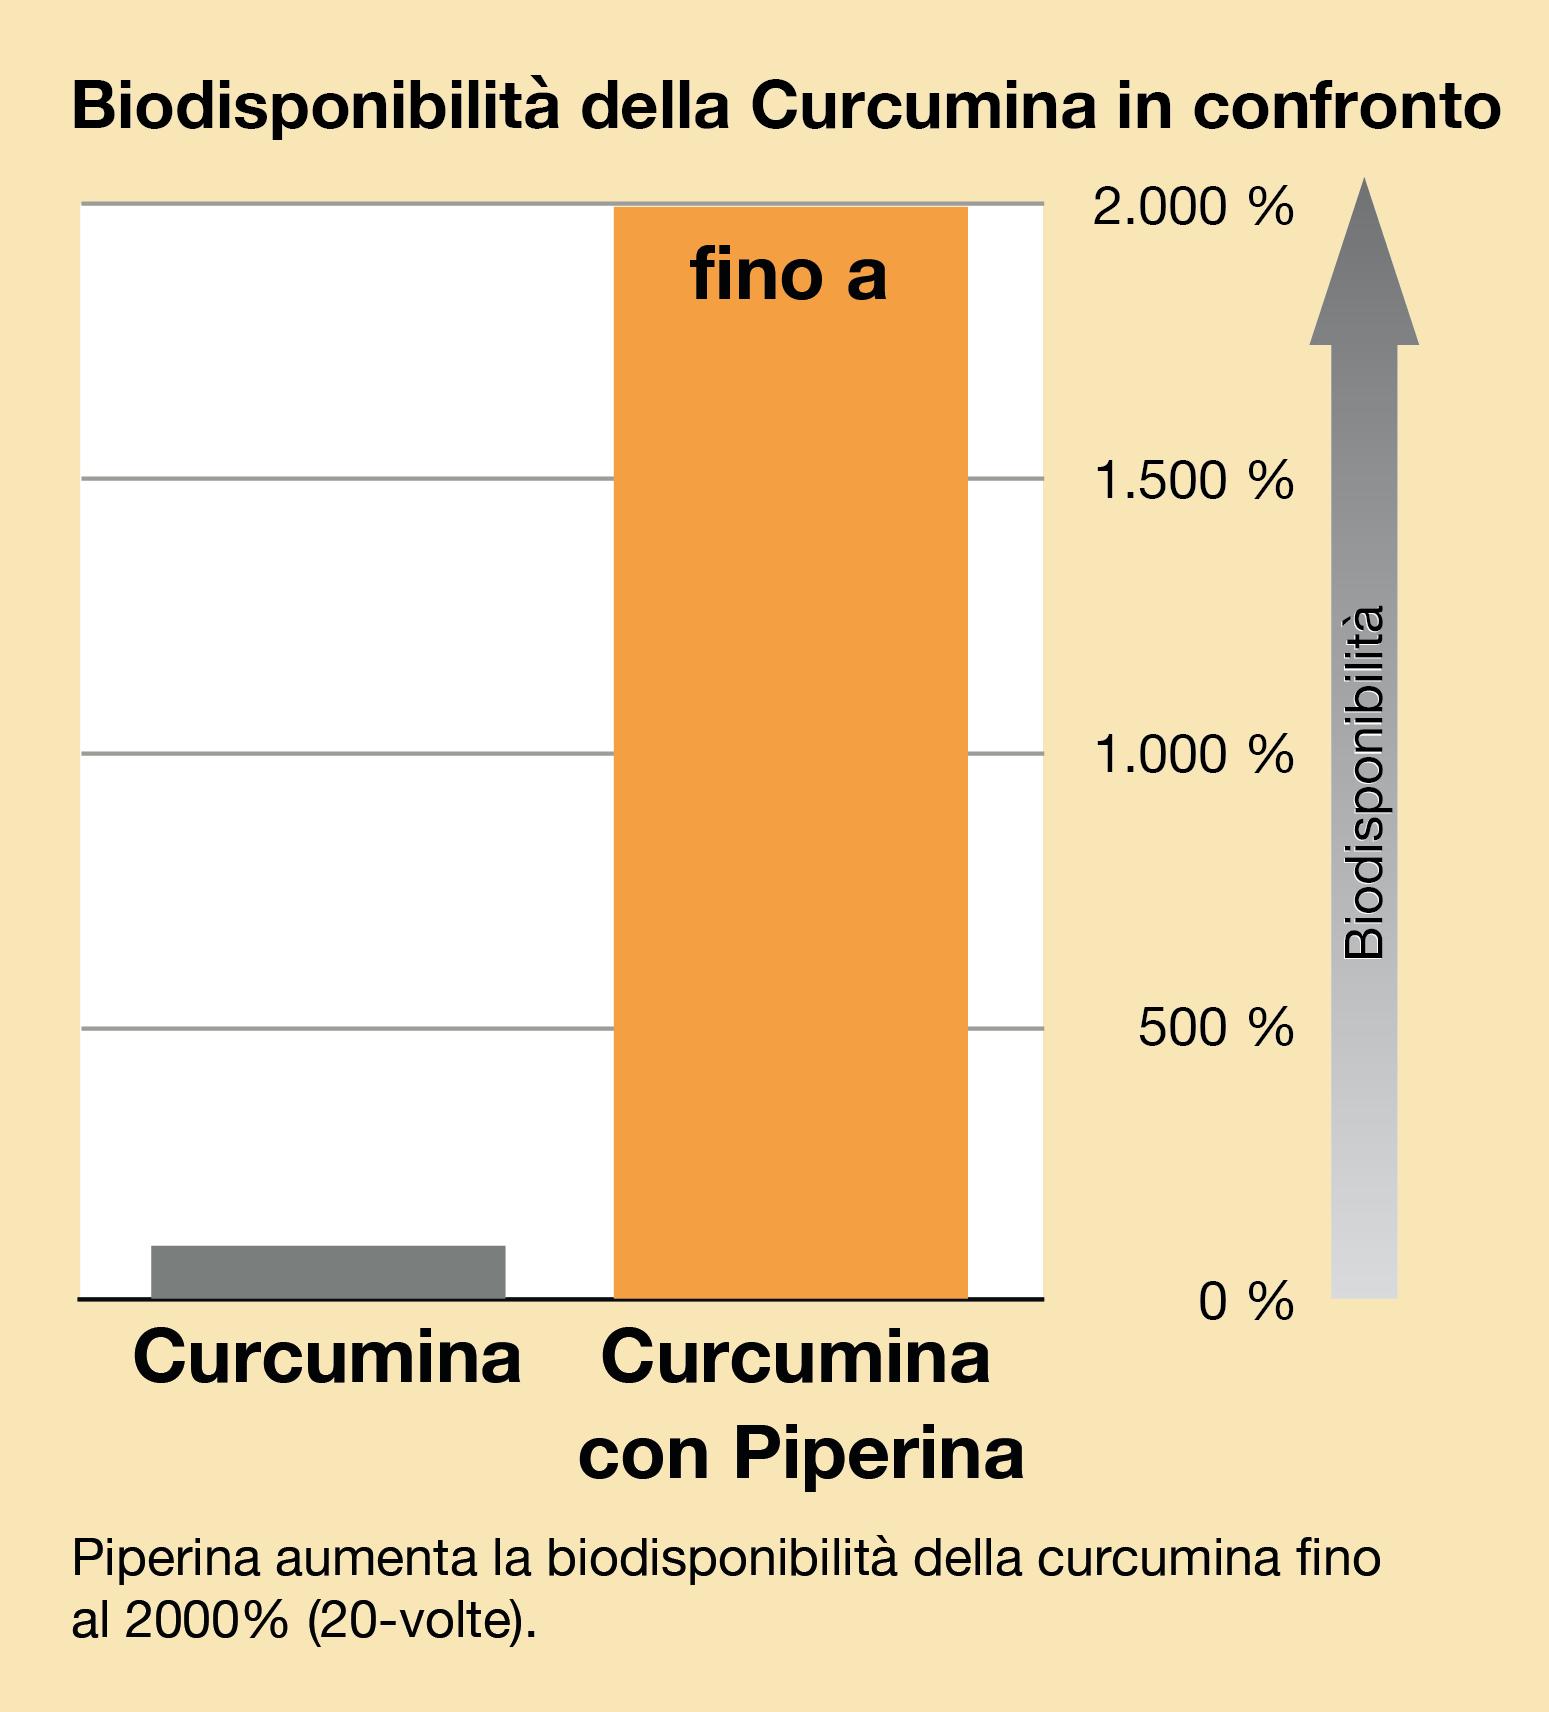 Curcumina Biodisponibilita di piperina